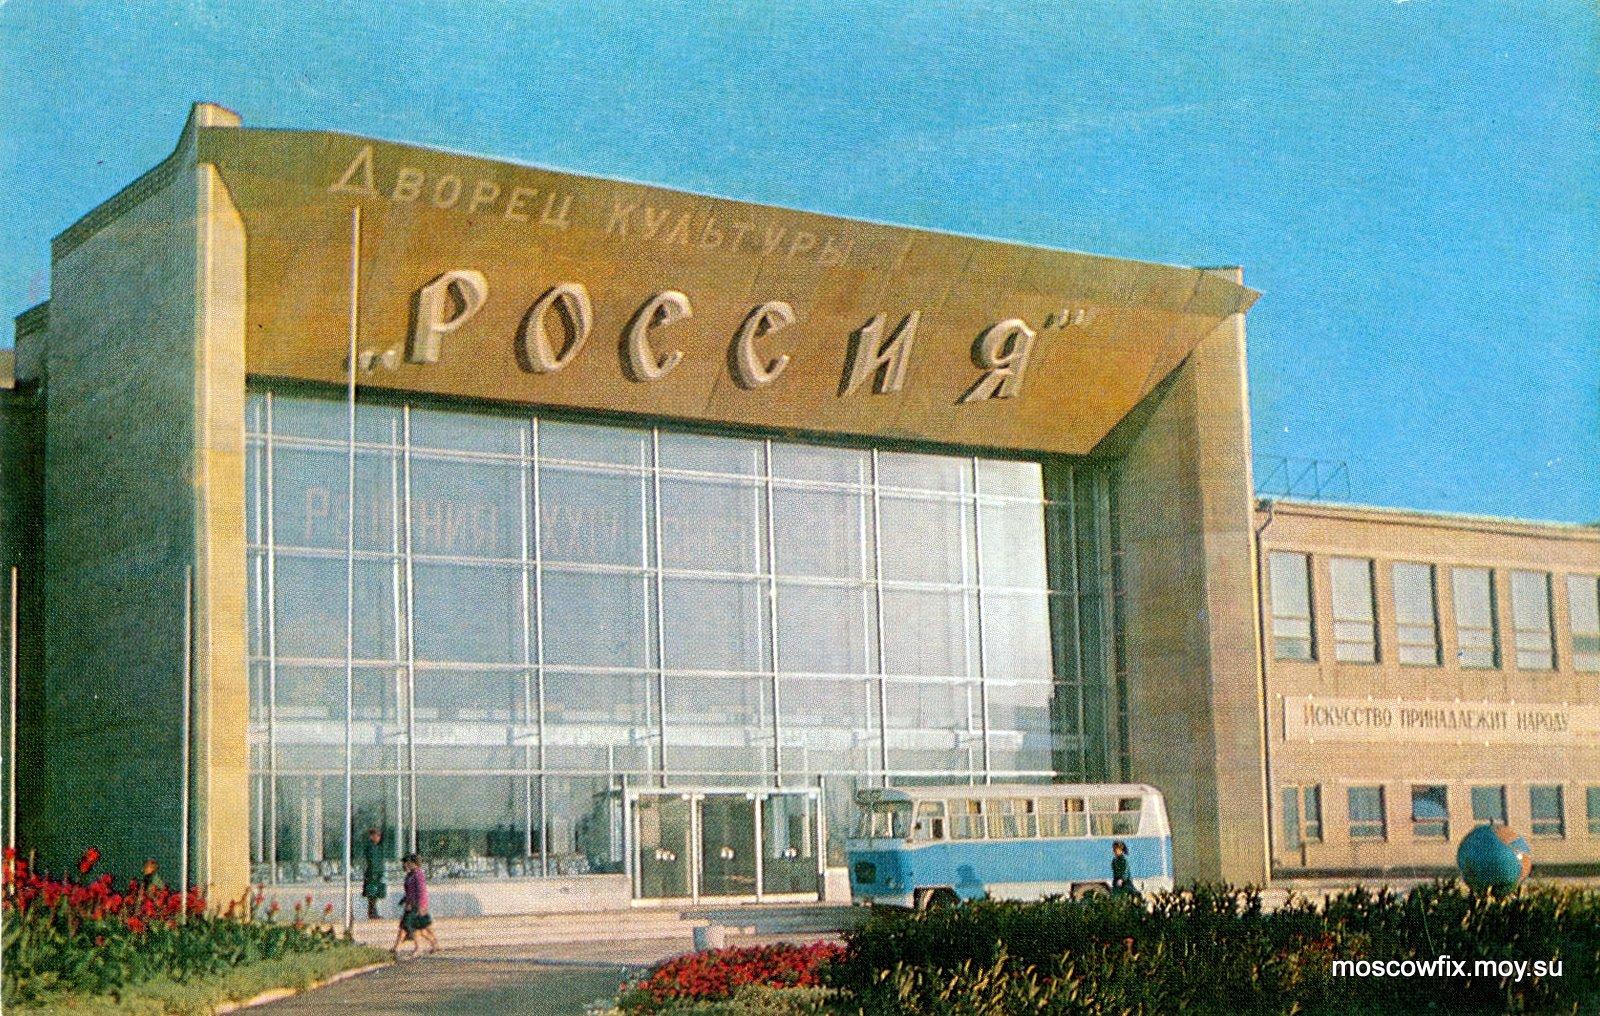 хочу познакомится с татаркой 16 лет оренбург